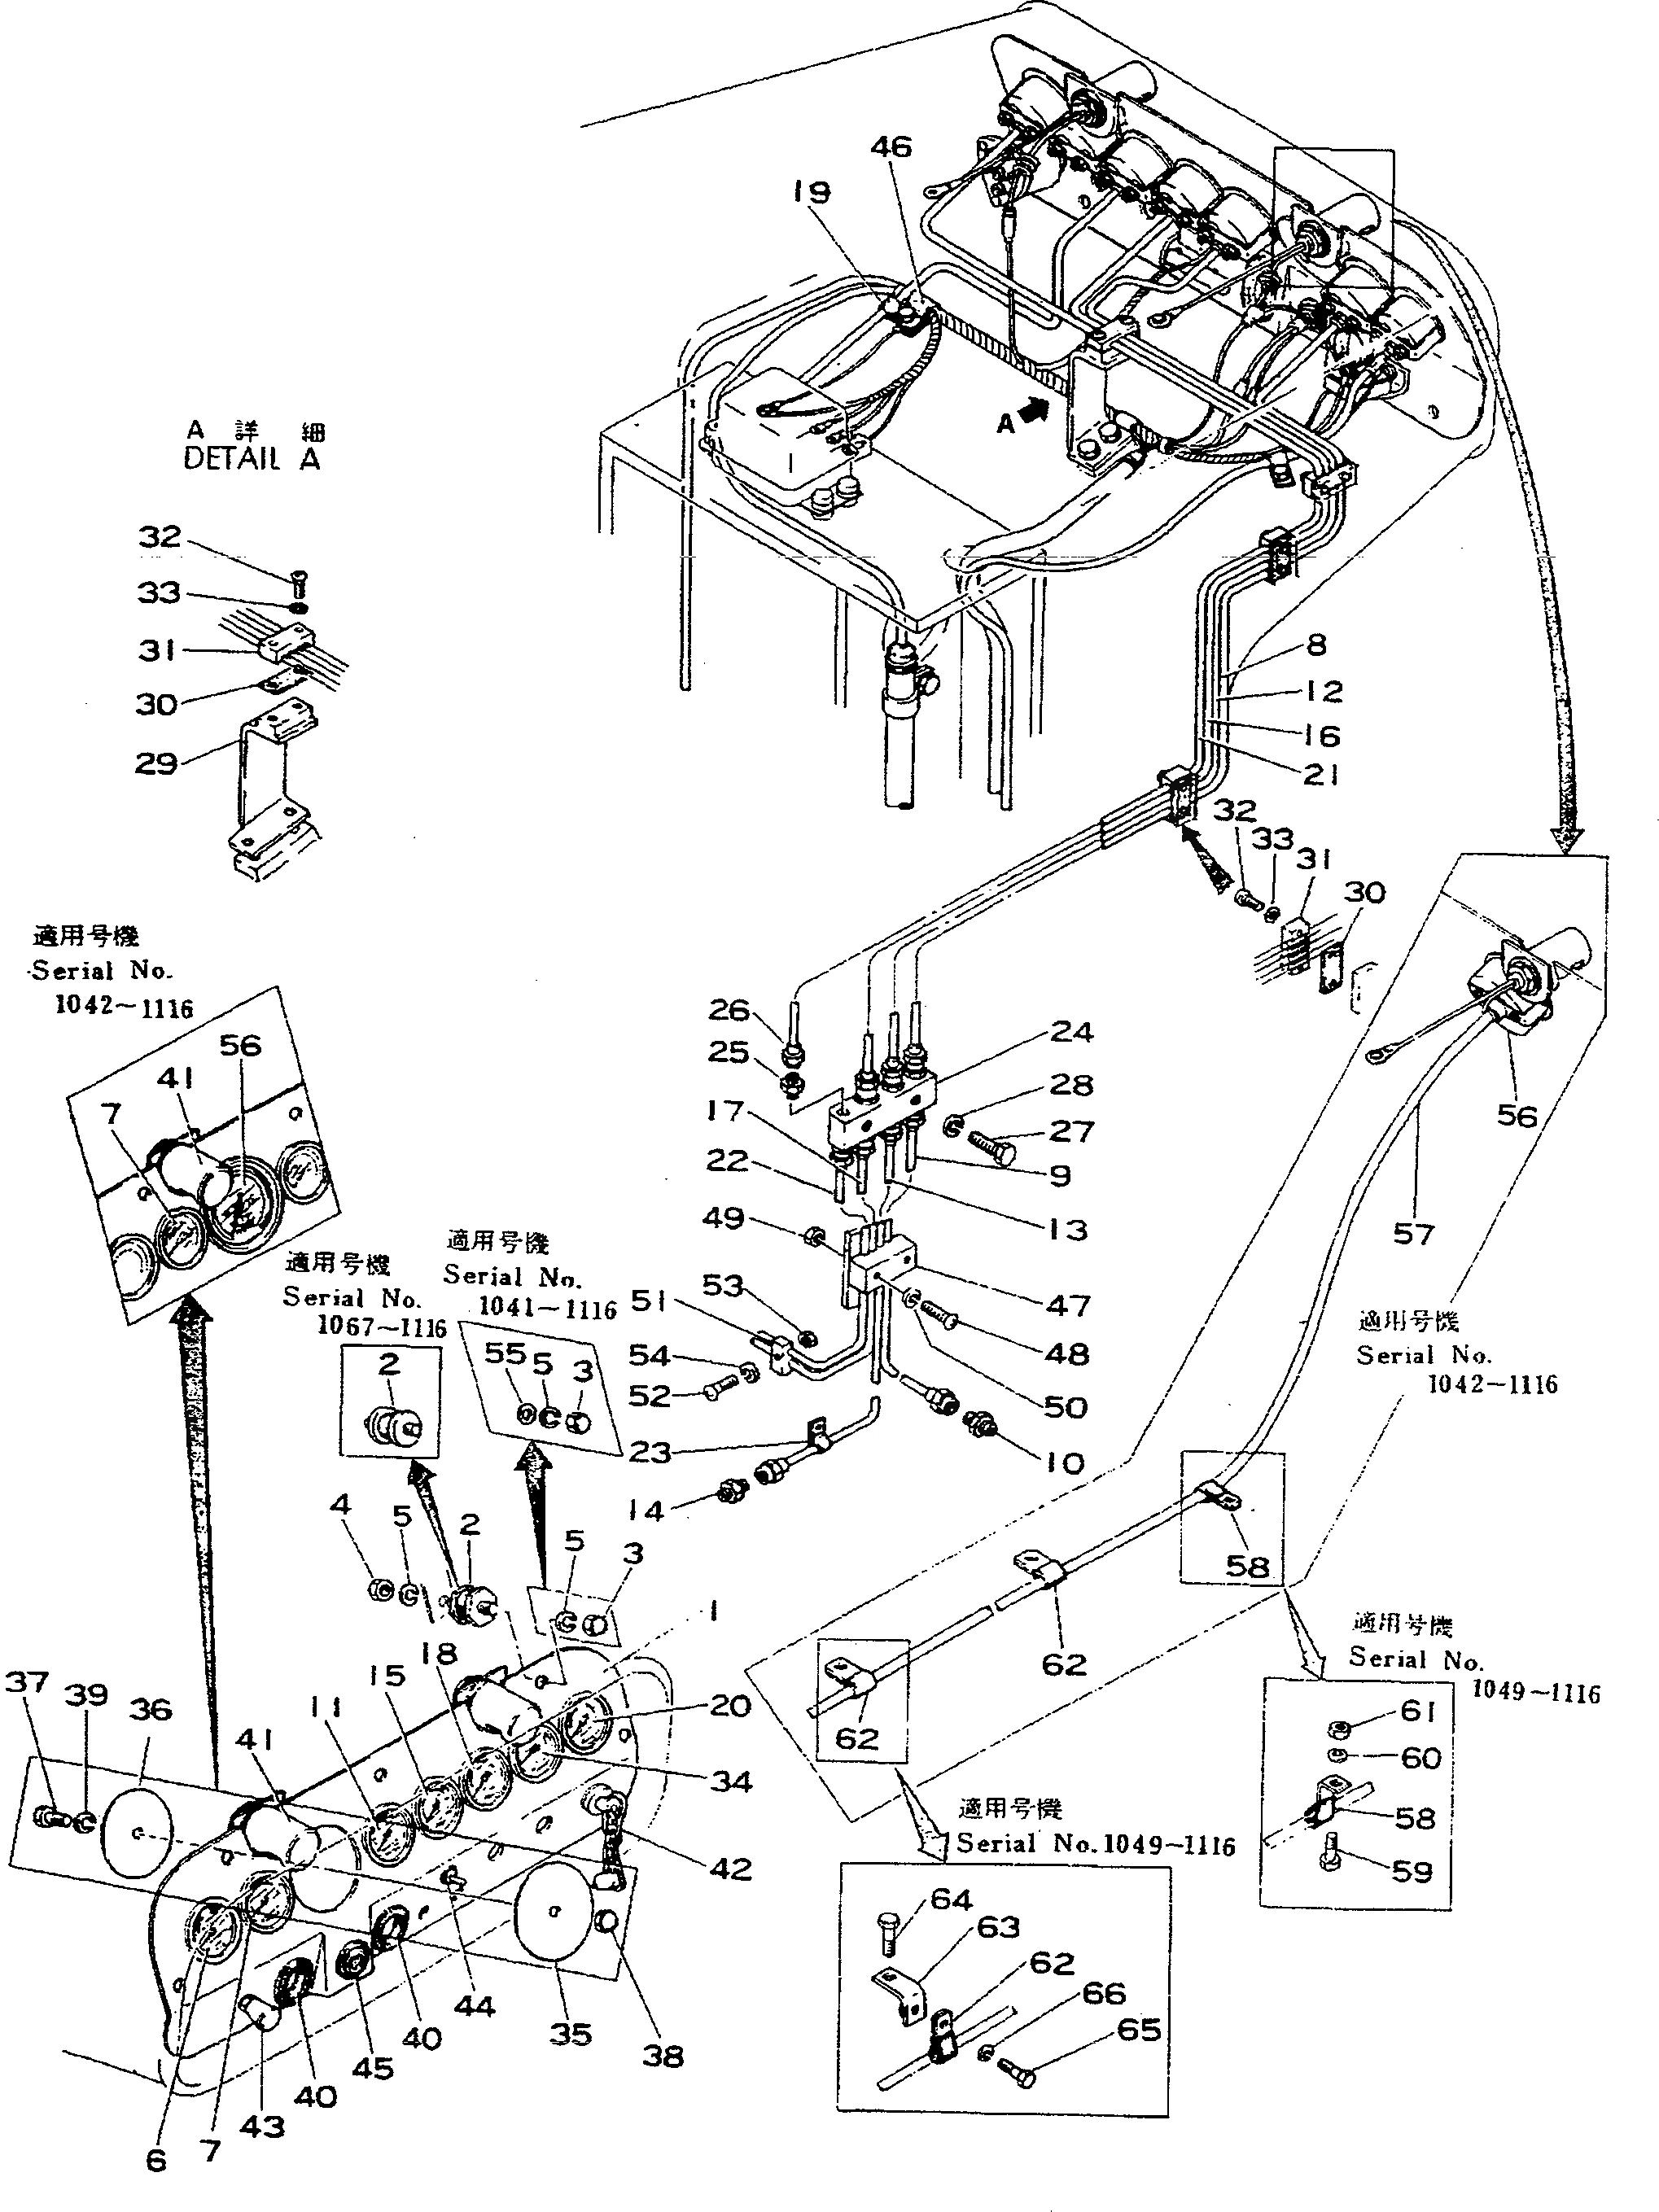 154-06-13910 Komatsu УПЛОТНЕНИЕ КРЕПЕЖА